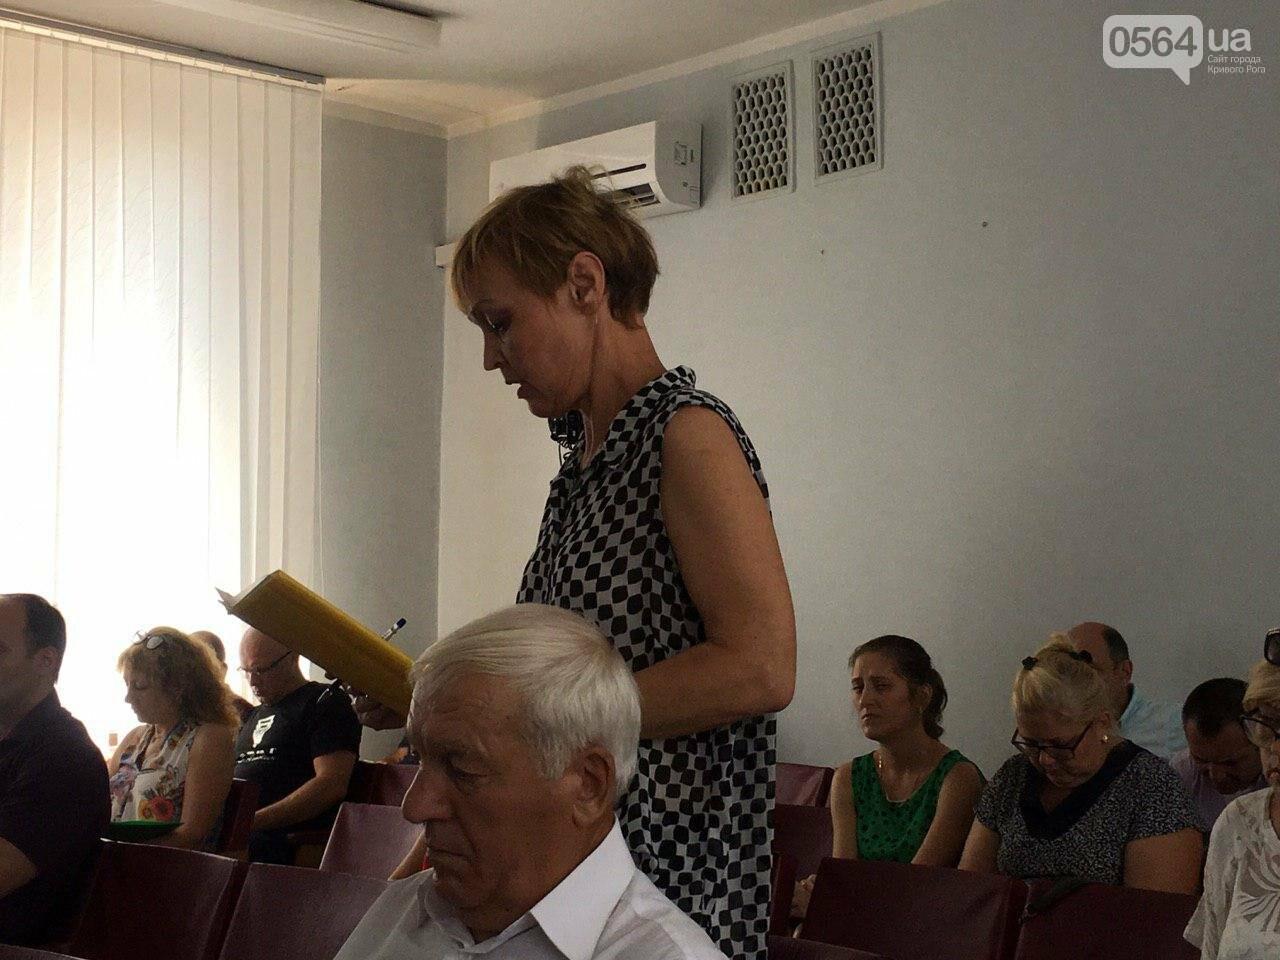 Криворожское КП пытается подготовится к отопительному сезону, несмотря на долг в полмиллиарда, - ФОТО , фото-31